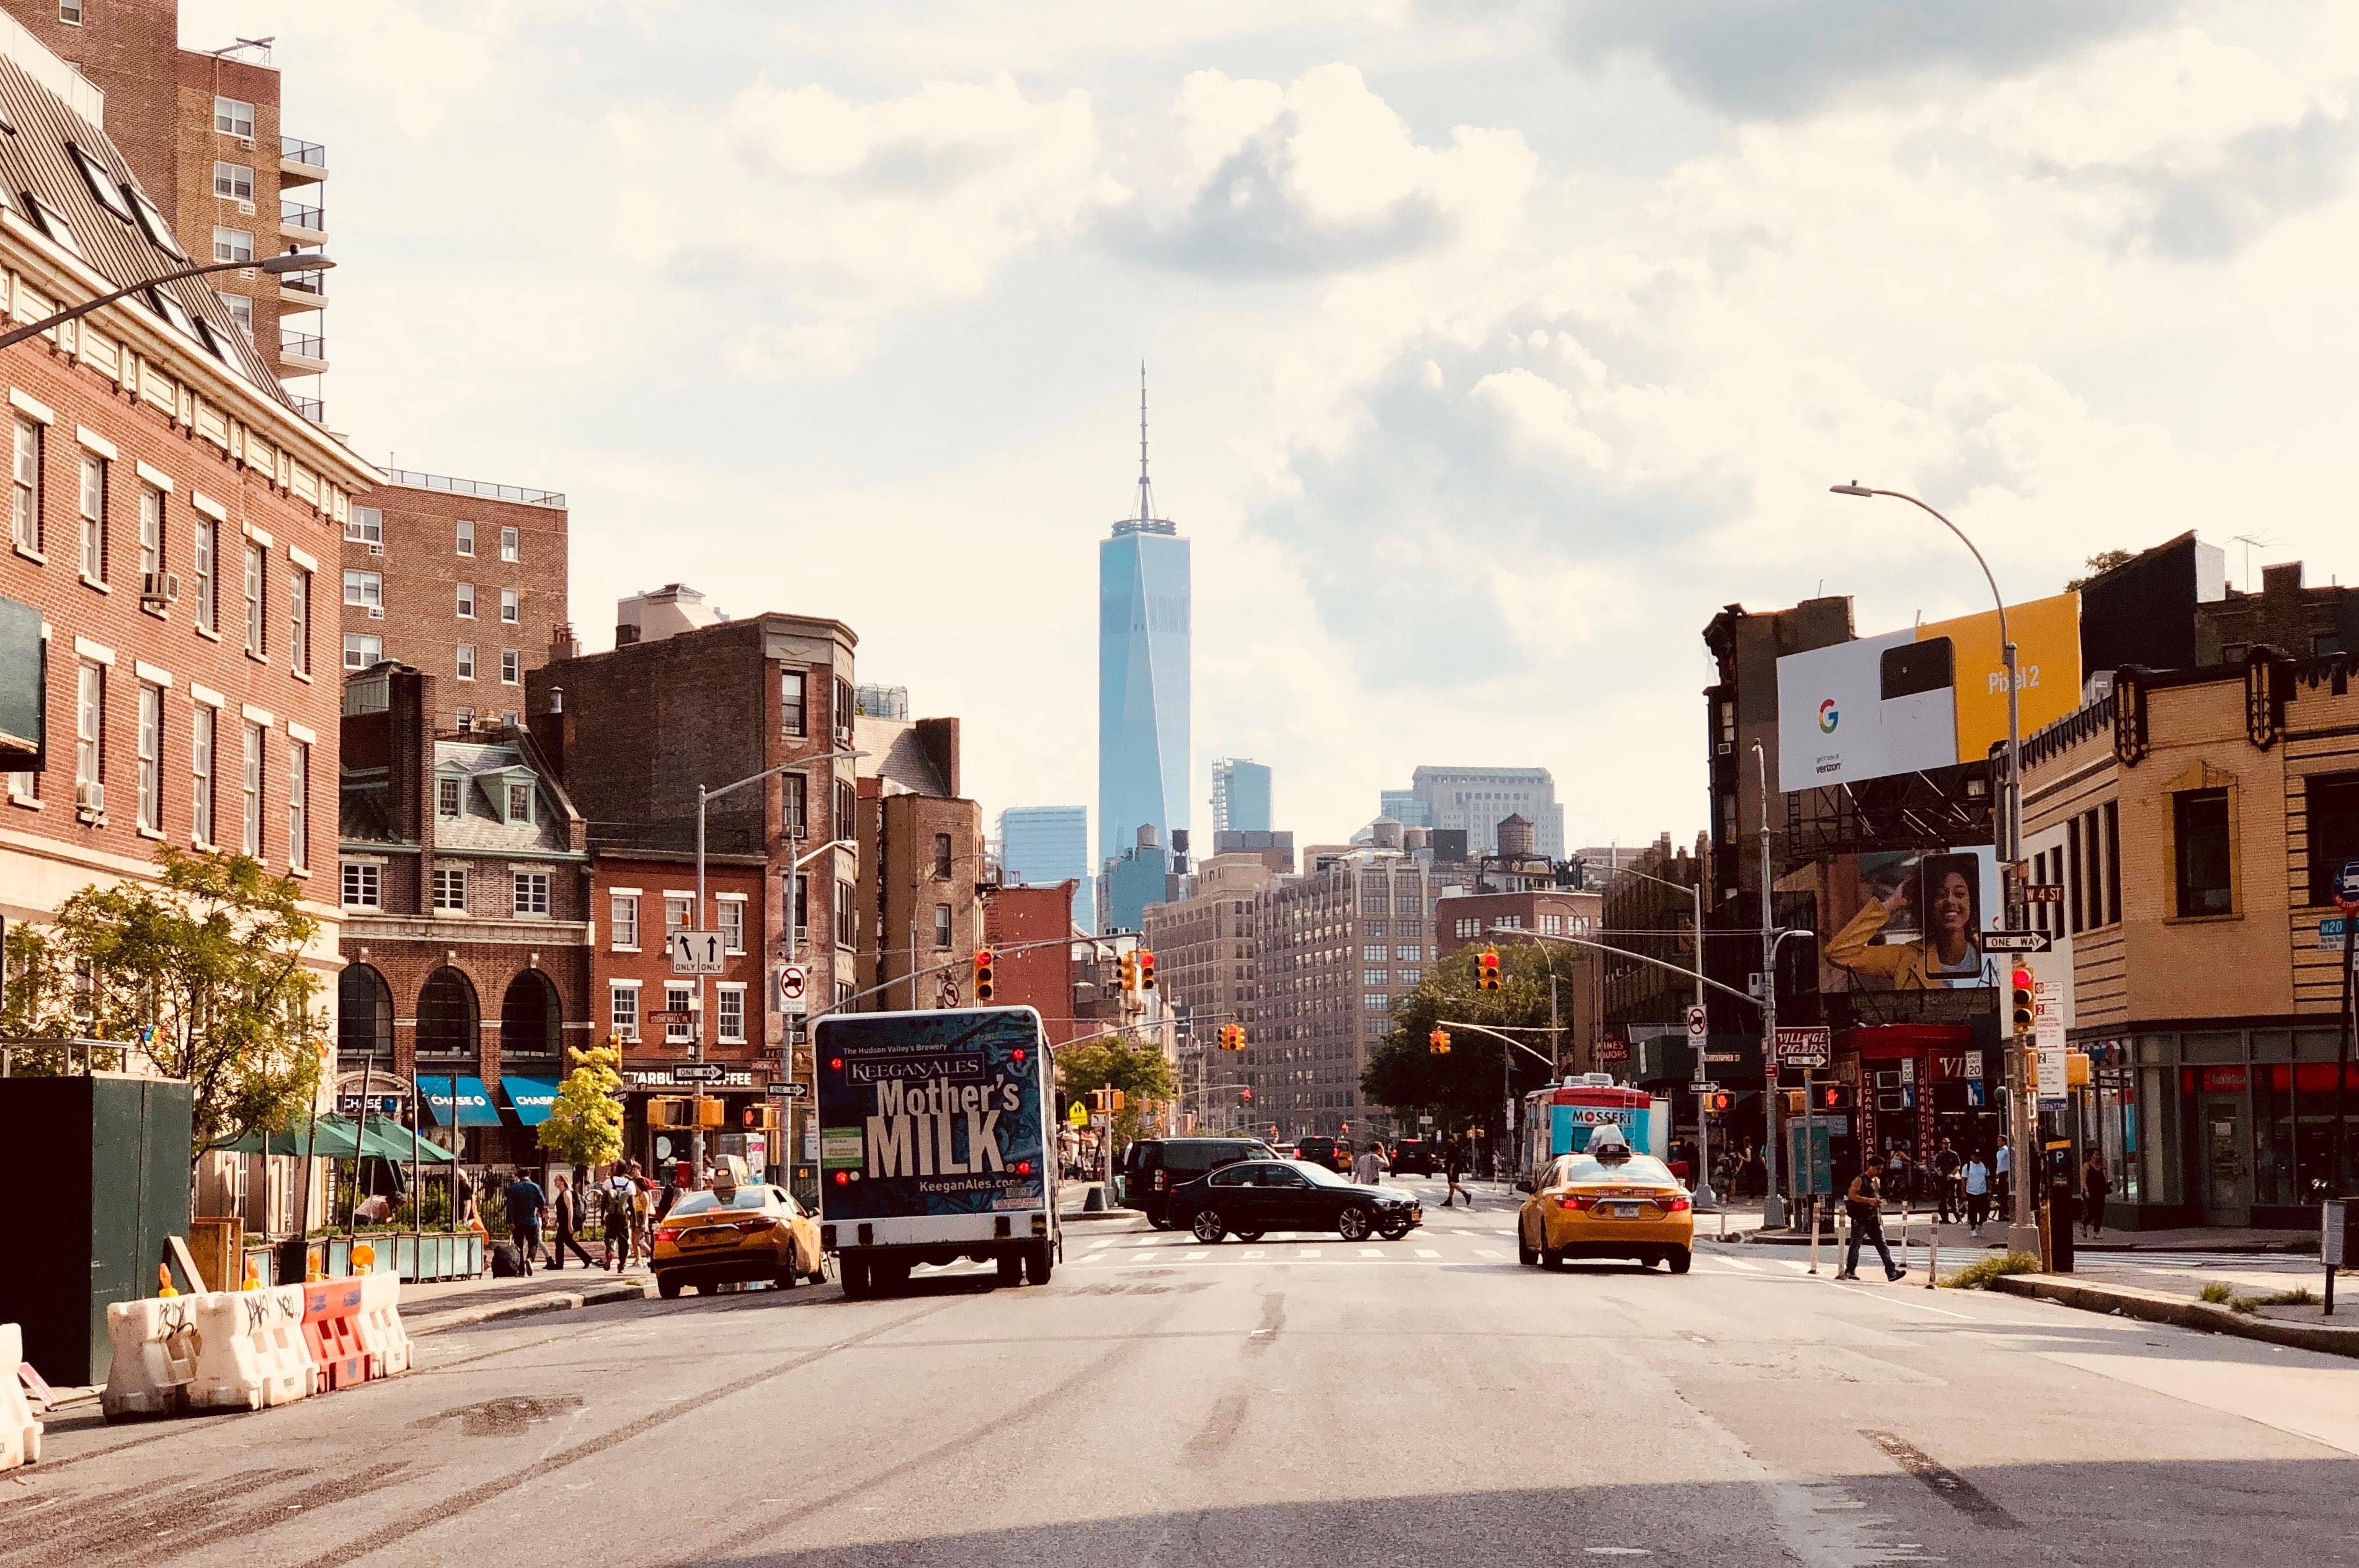 Street scene in West Village, New York.